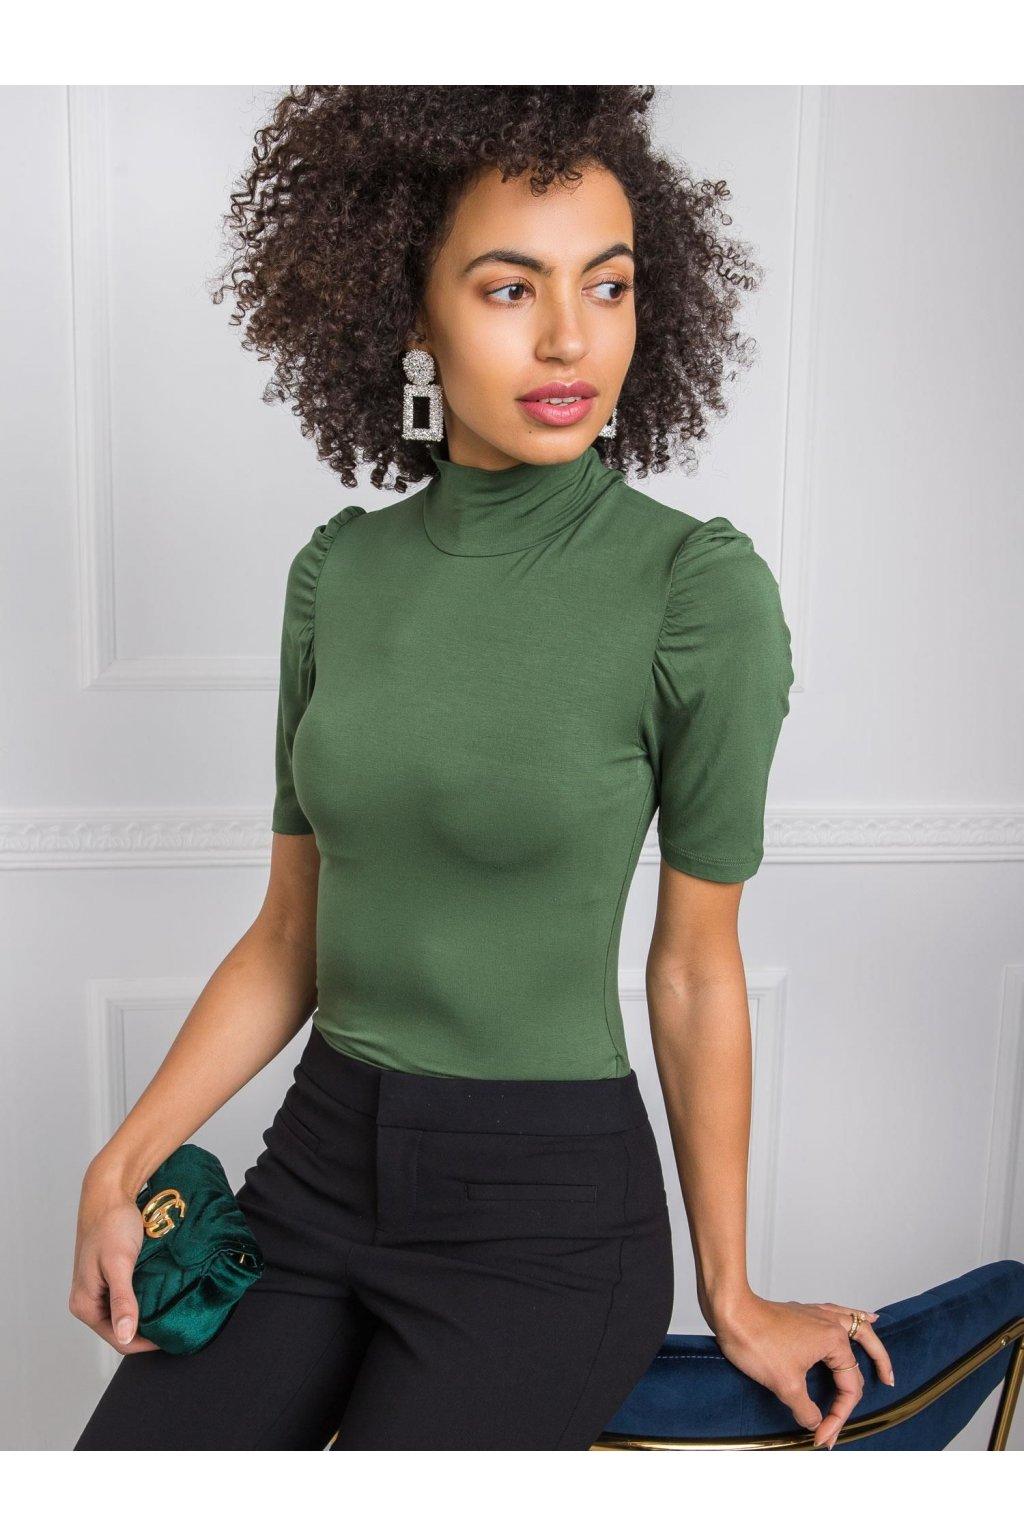 pol pl Zielona bluzka Nadine RUE PARIS 343021 2